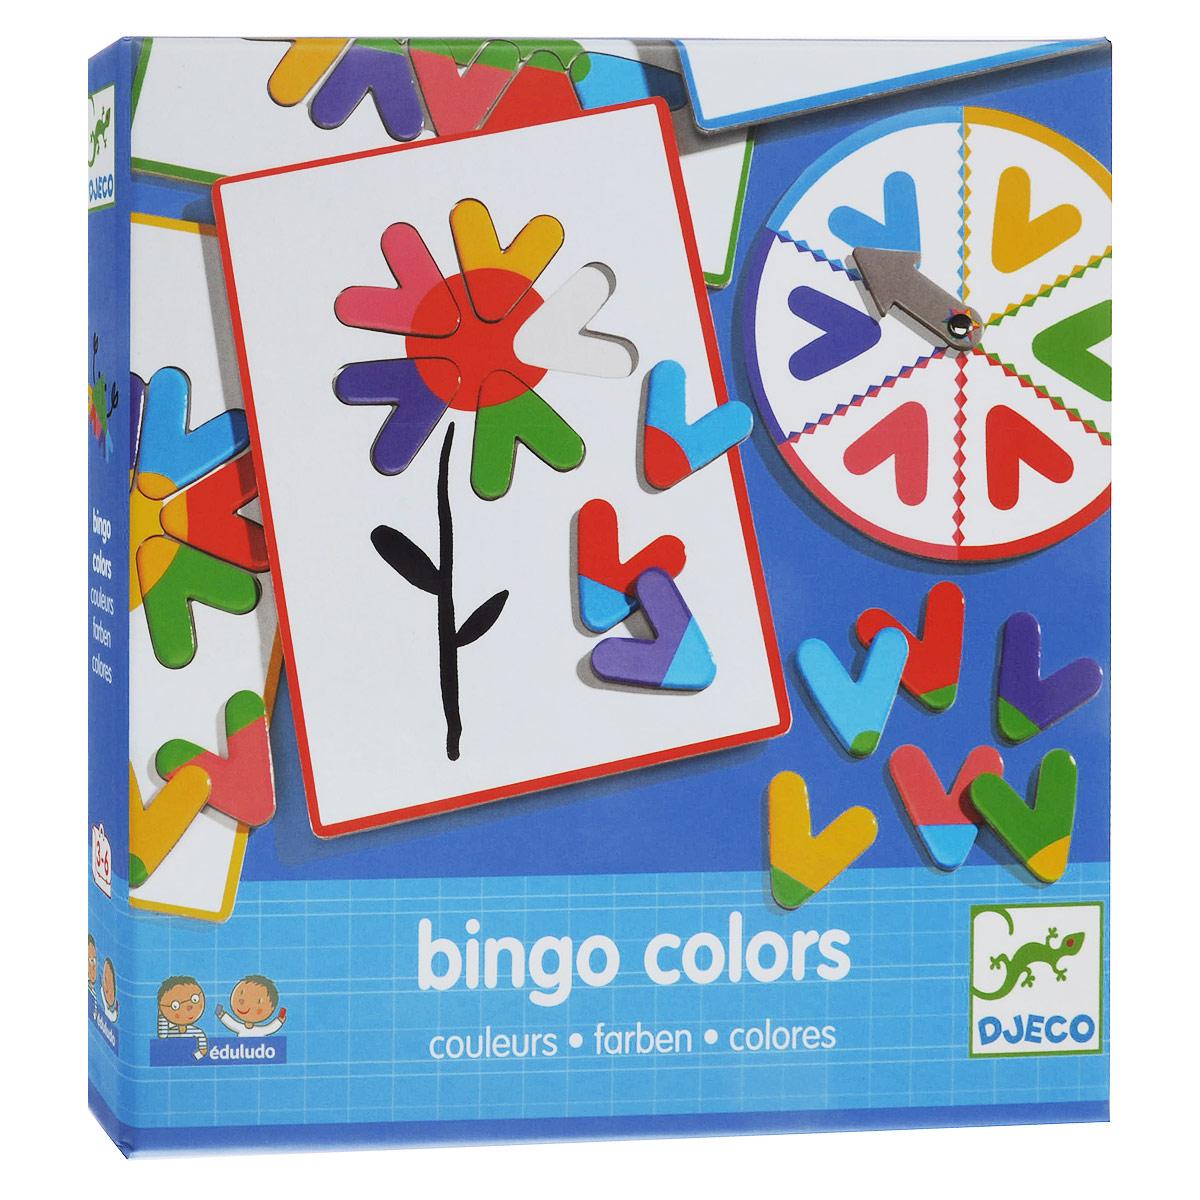 Настольная игра Djeco Eduludo Цвета Бинго08316Новая настольная игра Eduludo Цвета Бинго от Djeco Джеко – прекрасная возможность через игровую форму познакомить ребенка с основными цветами. Вращайте друг за другом колесо и сочетайте цвета в соответствии с рисунком на карточке. Выигрывает тот, кто последним соберет рисунок. Настольная игра Бинго прекрасно подойдет в качестве развлечения для любого детского праздника, а также для семейных спокойных вечеров. Игра Eduludo Цвета Бинго развивает логическое мышление, сообразительность и внимательность.